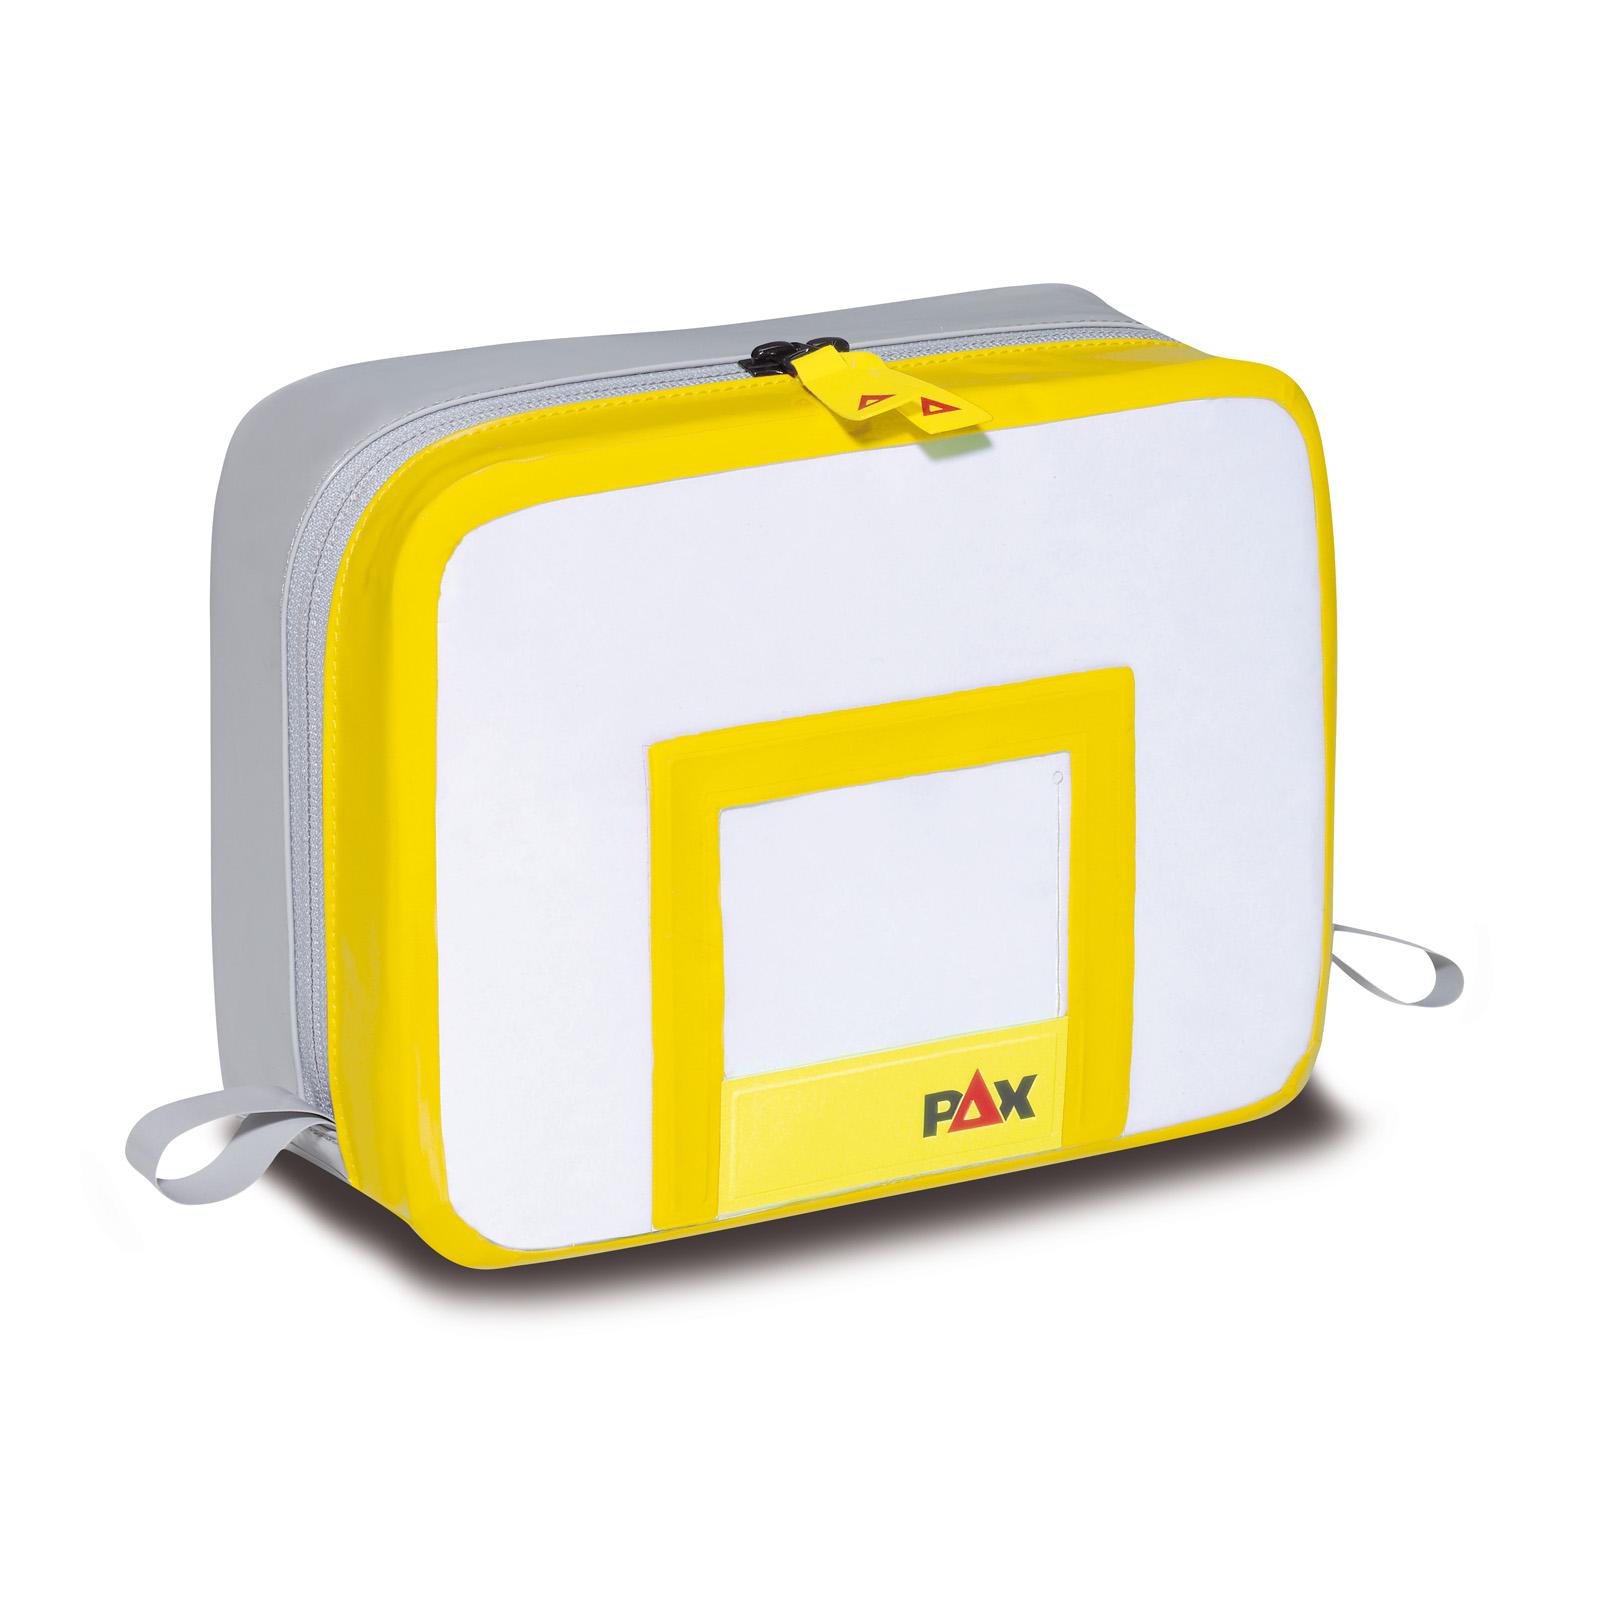 Innentasche FT - geschweißt - Magnet, PAX-PureTex in gelb